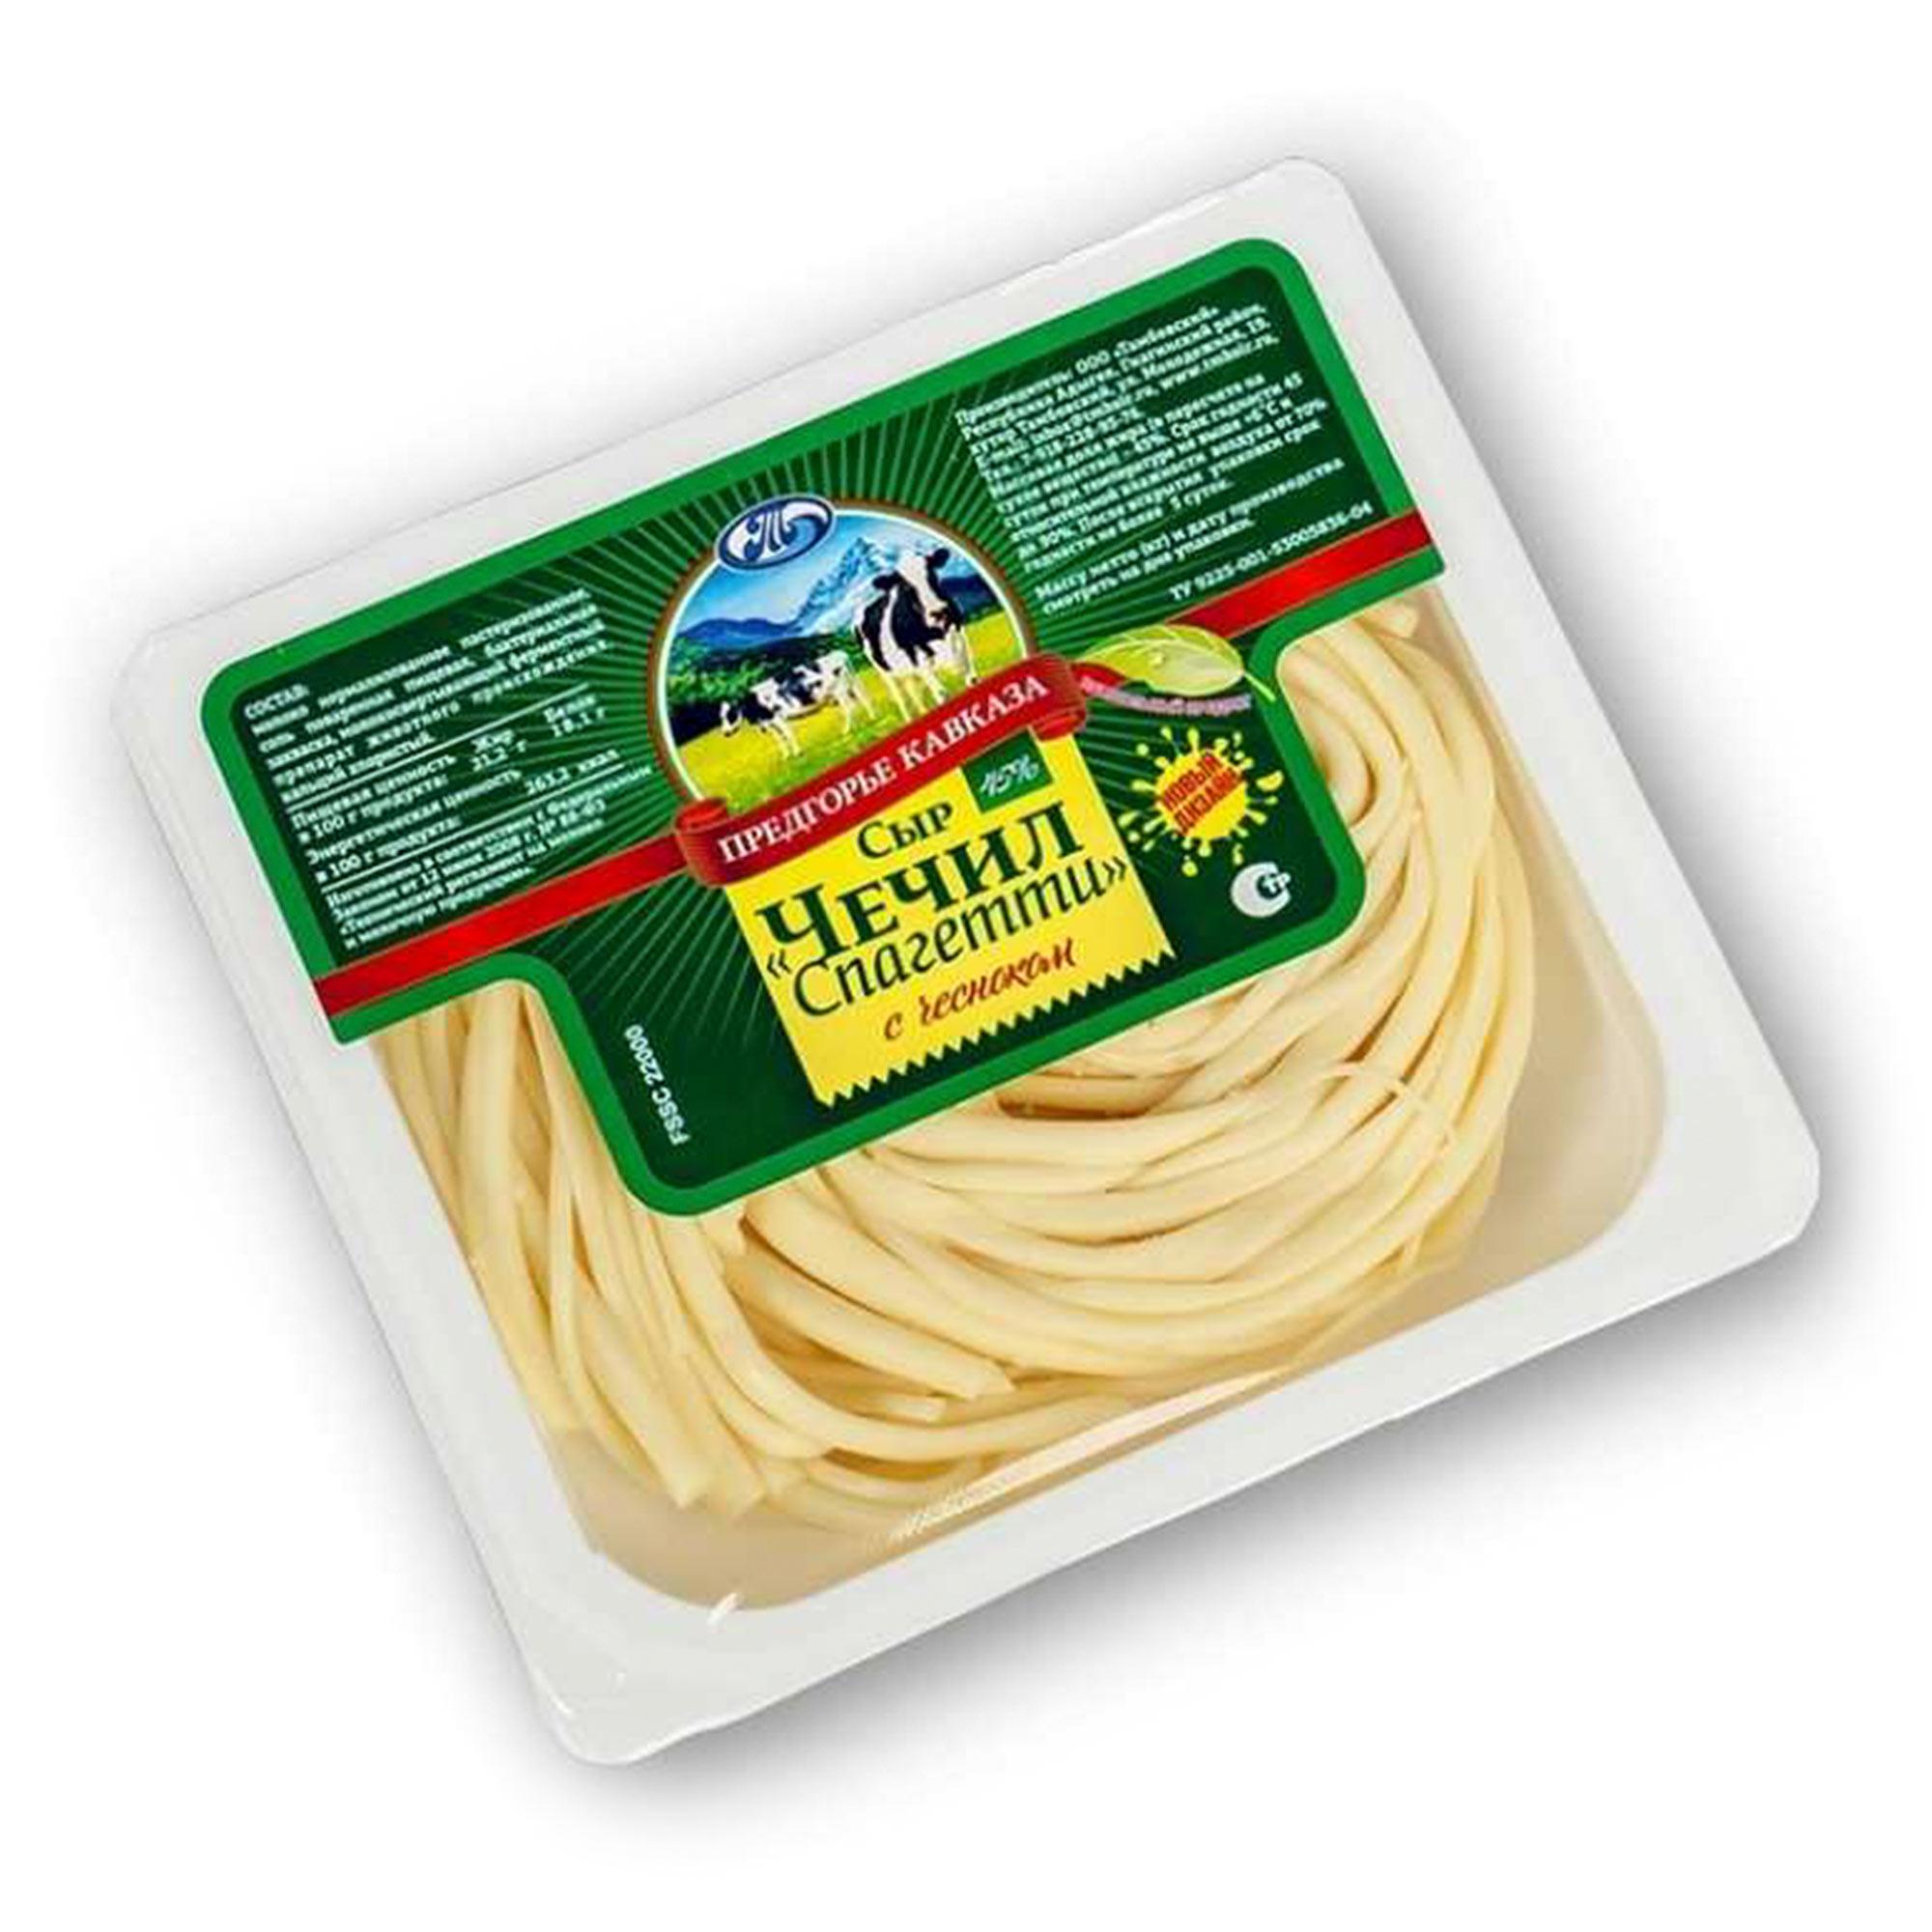 Сыр Предгорье Кавказа спагетти чечил с чесноком 45% 110 г сыр рассольный красногвардейские чечил спагетти 40% 120 г